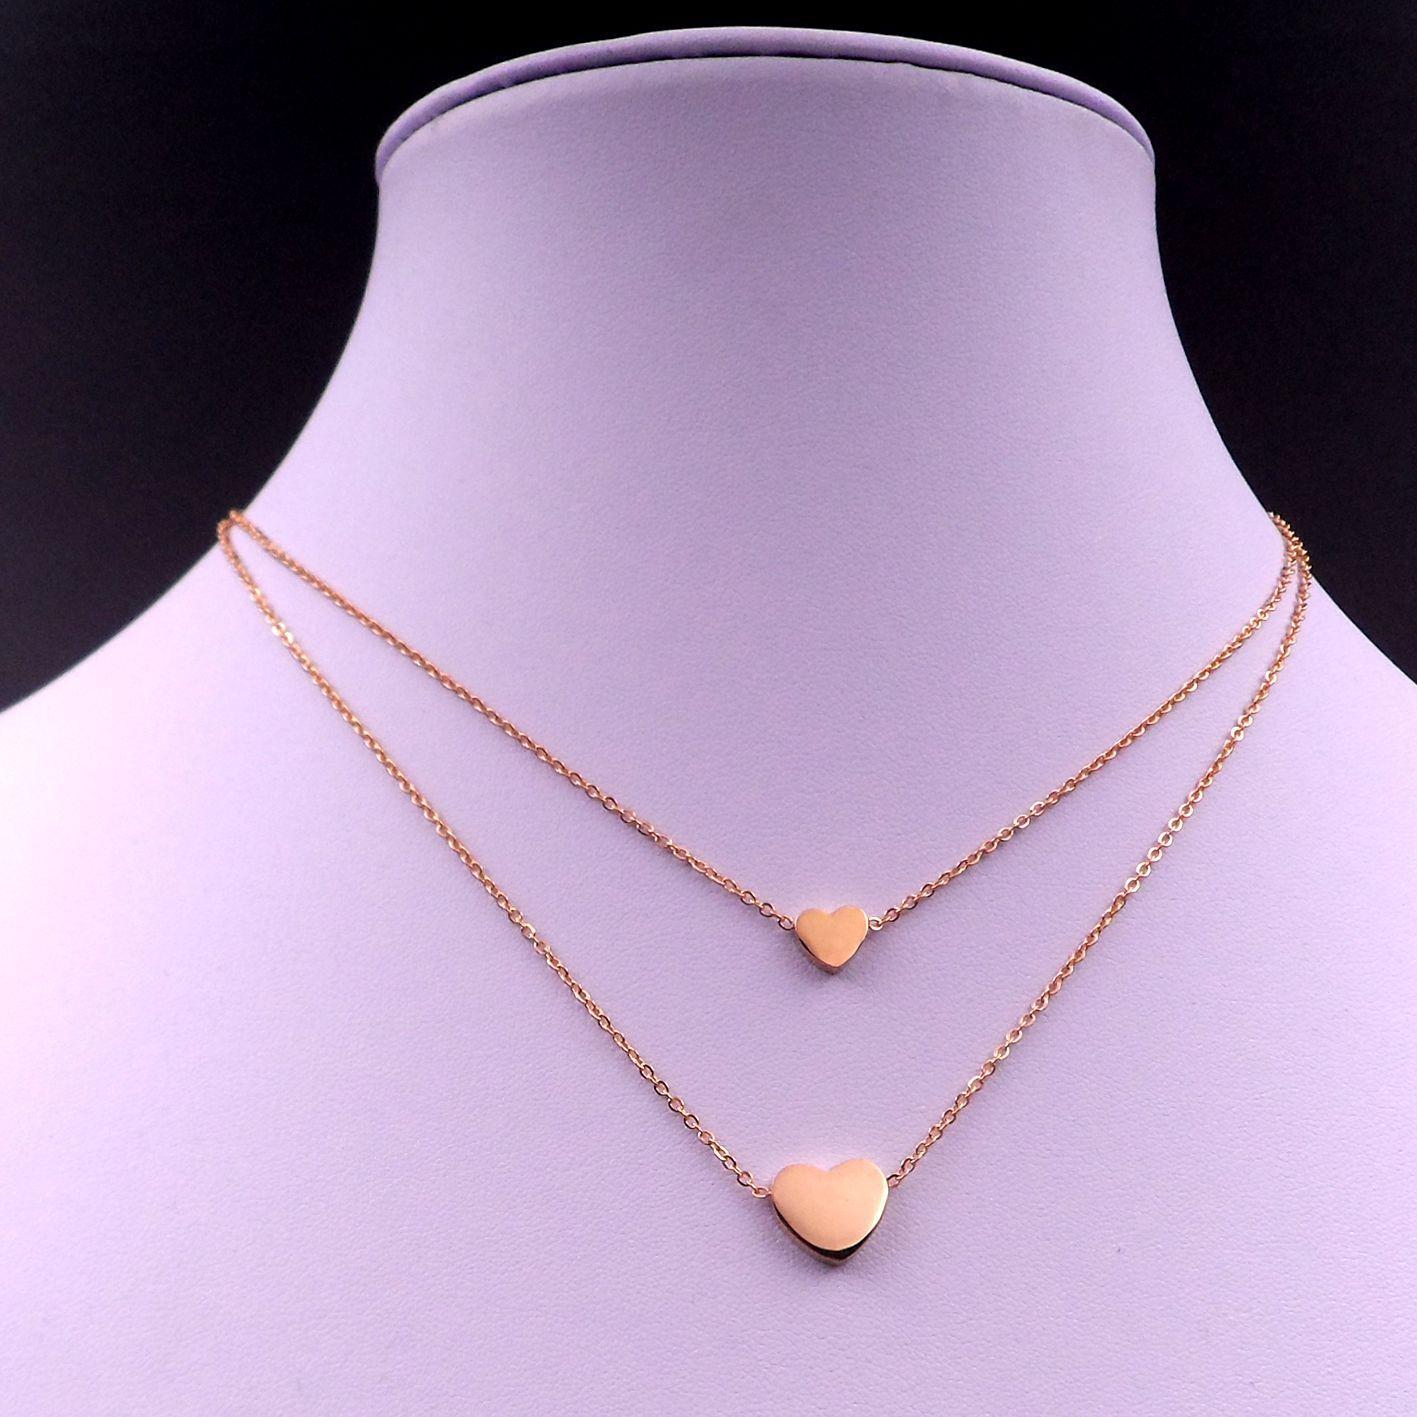 Freies verschiffen Nizza design SCHMUCK freies verschiffen Gold Edelstahl Sweet Double Heart Anhänger Kette halskette Geschenk für Frauen Mädchen 20 zoll